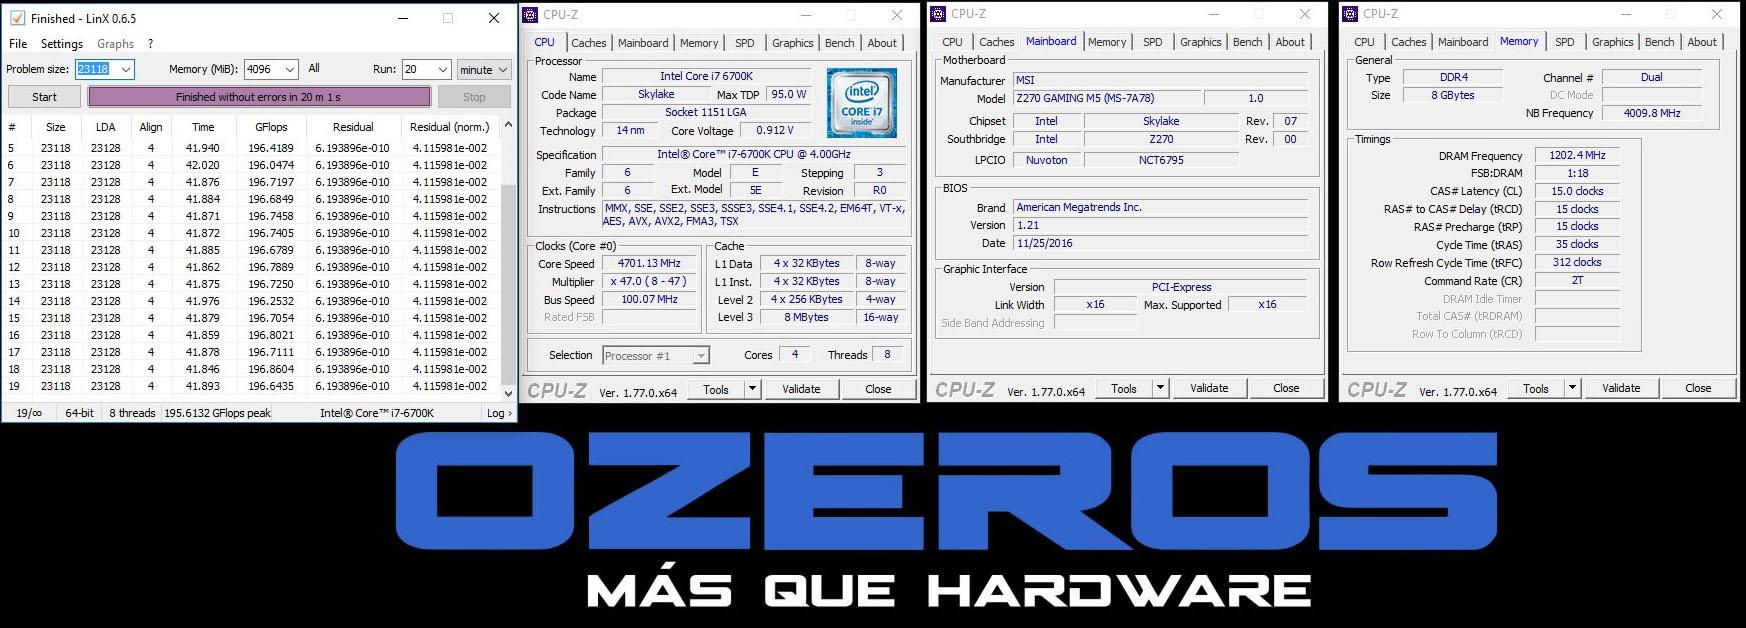 msi-z270-gamingm5-oc